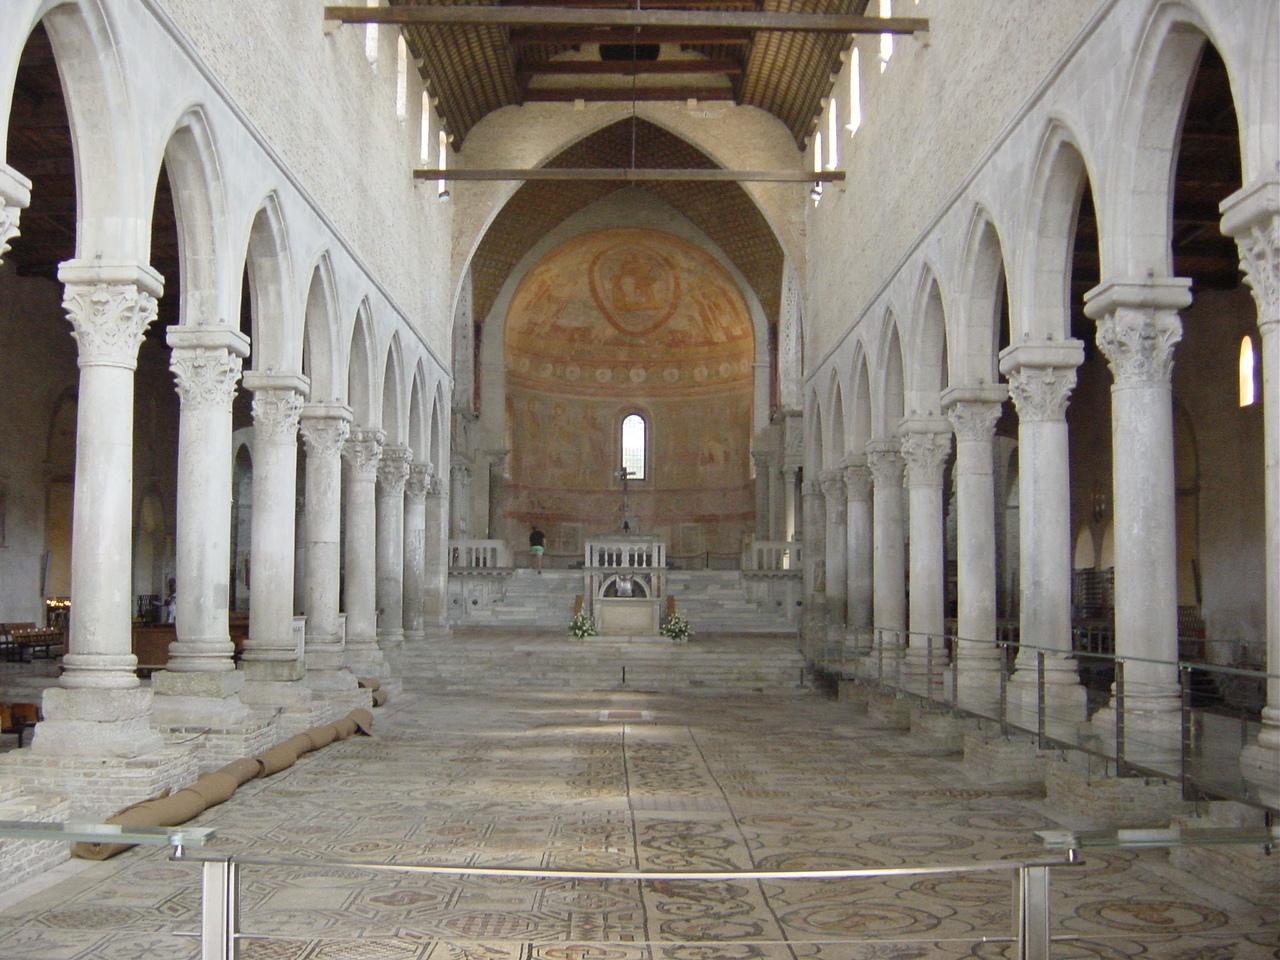 Basilikaen, interiør